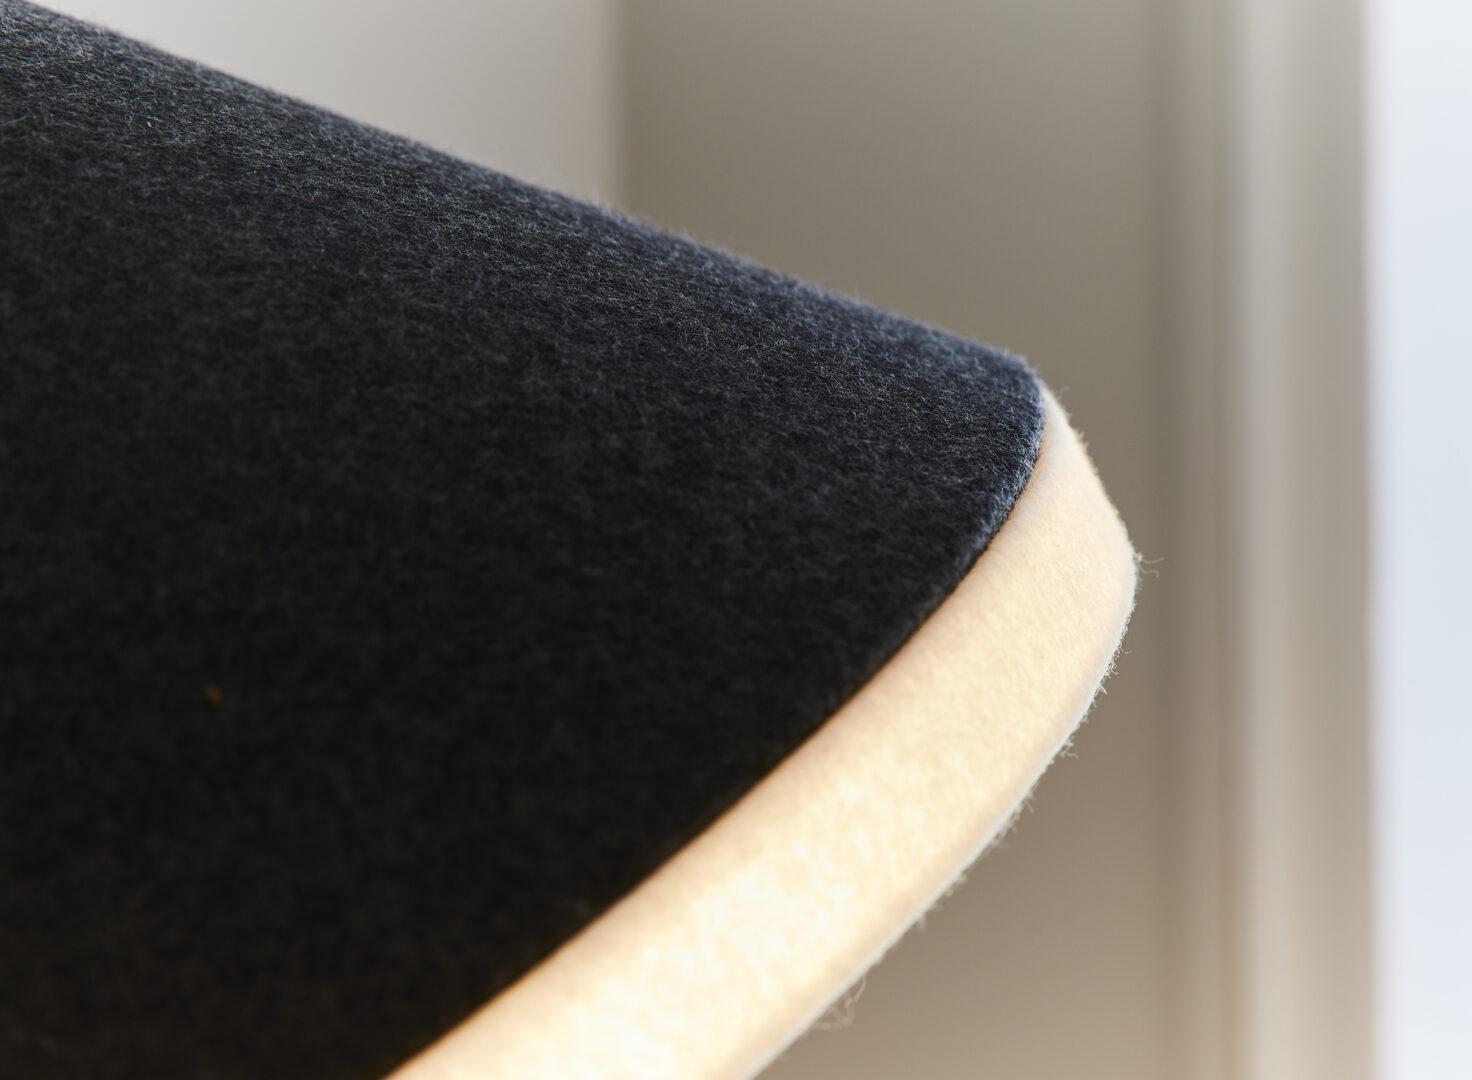 Lampadaire KNGB en bois et feutre détail abajour en feutre made in france disponible chez L'inatelier nantes